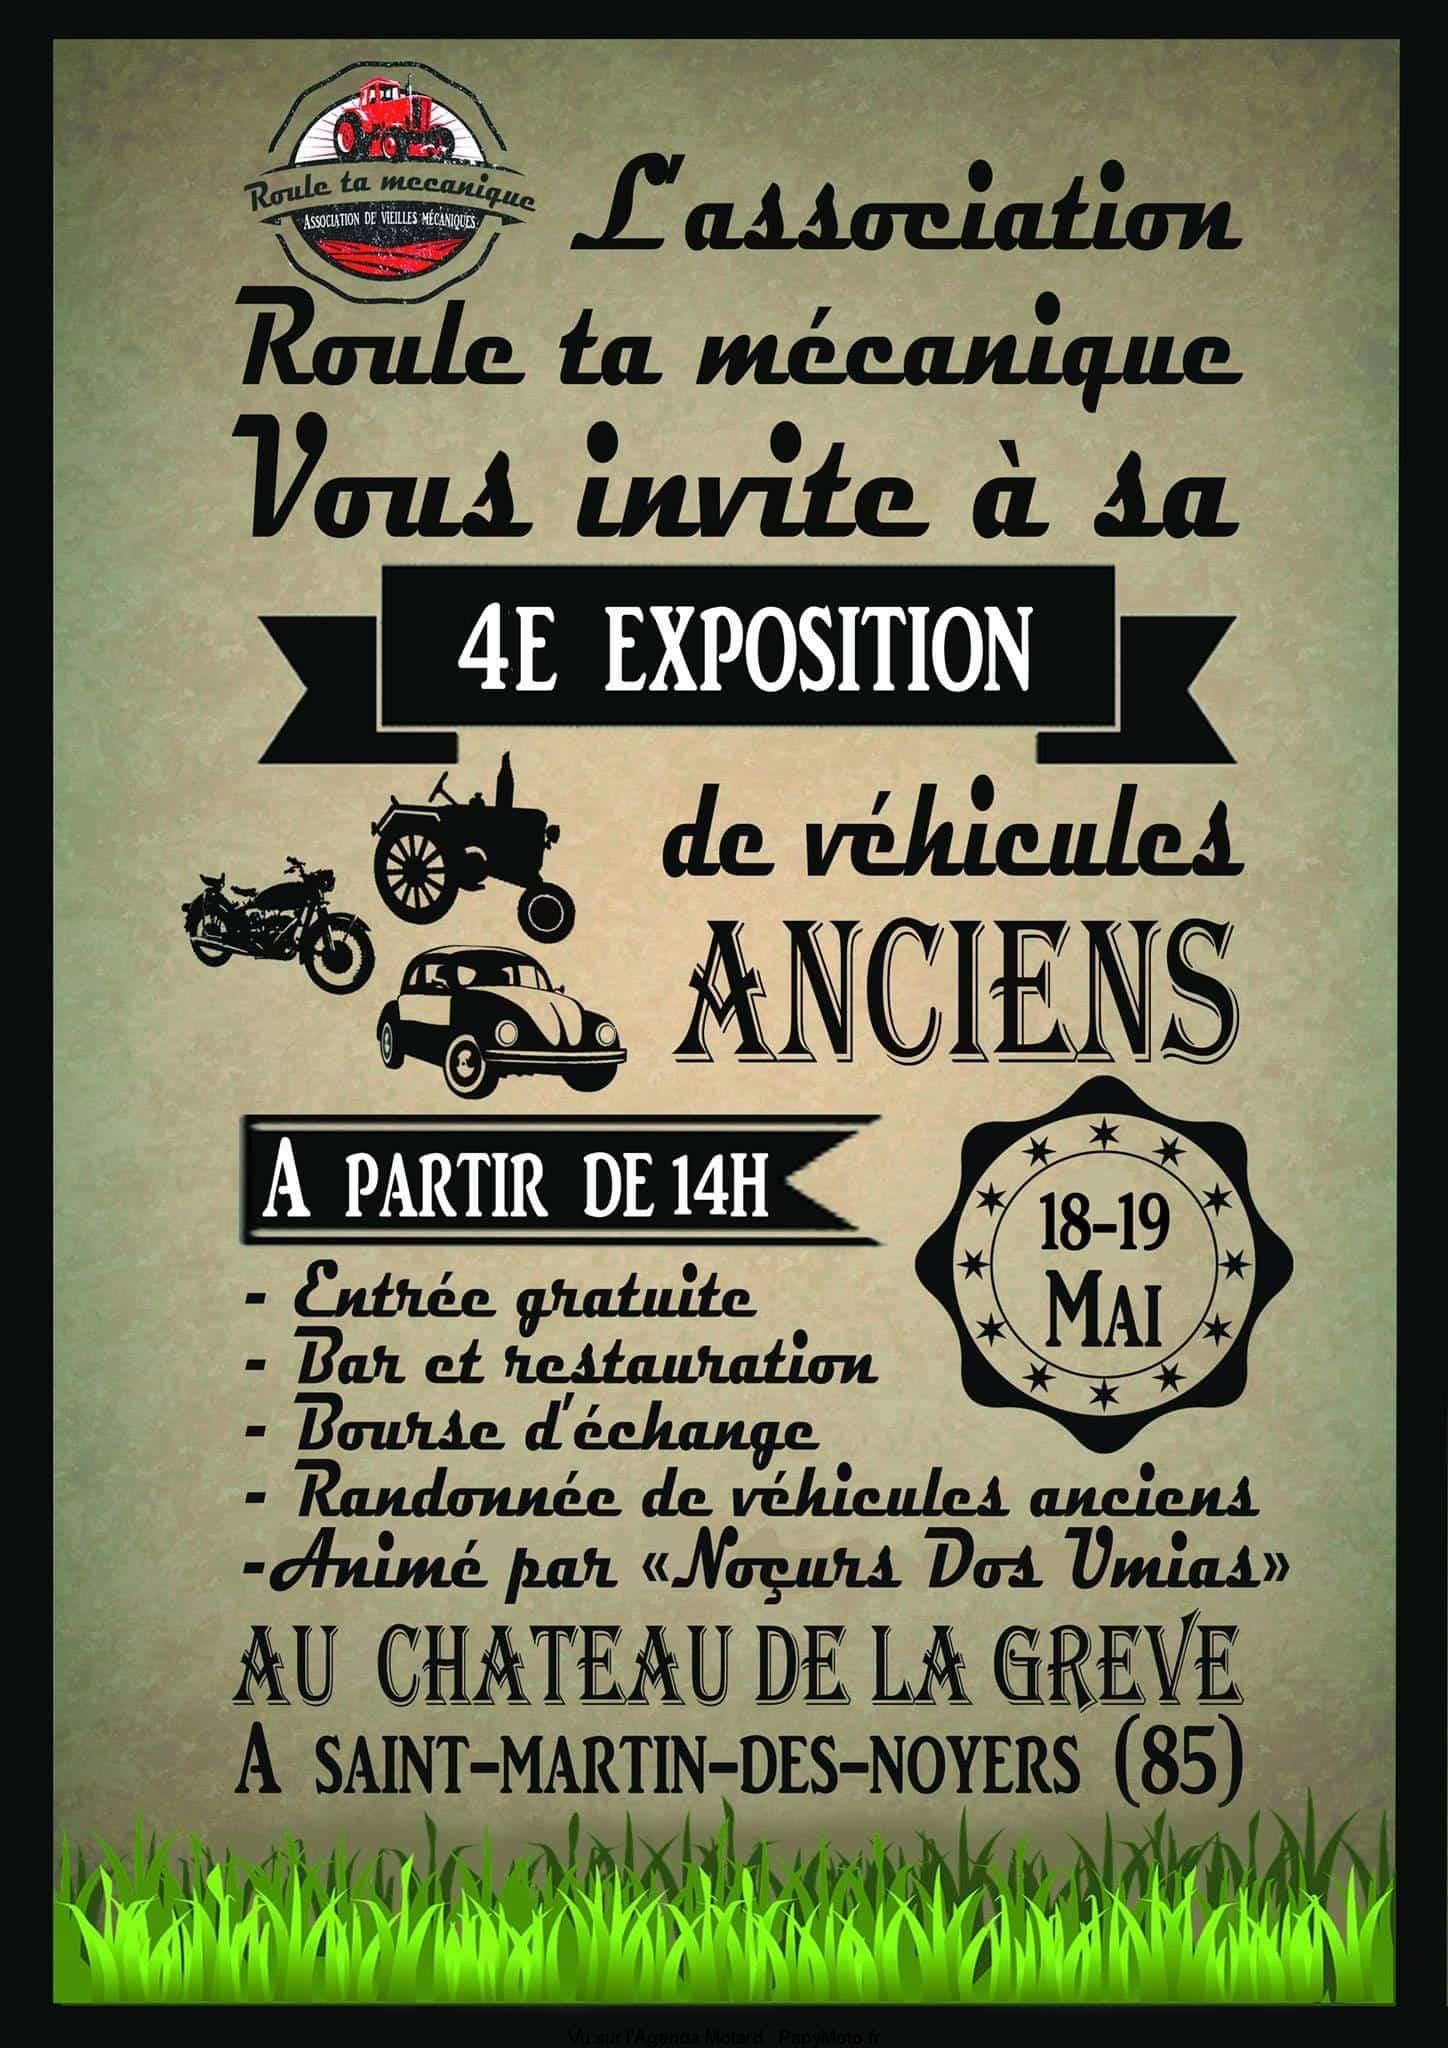 4e Exposition de véhicules anciens – Saint Martin des Noyers (85)